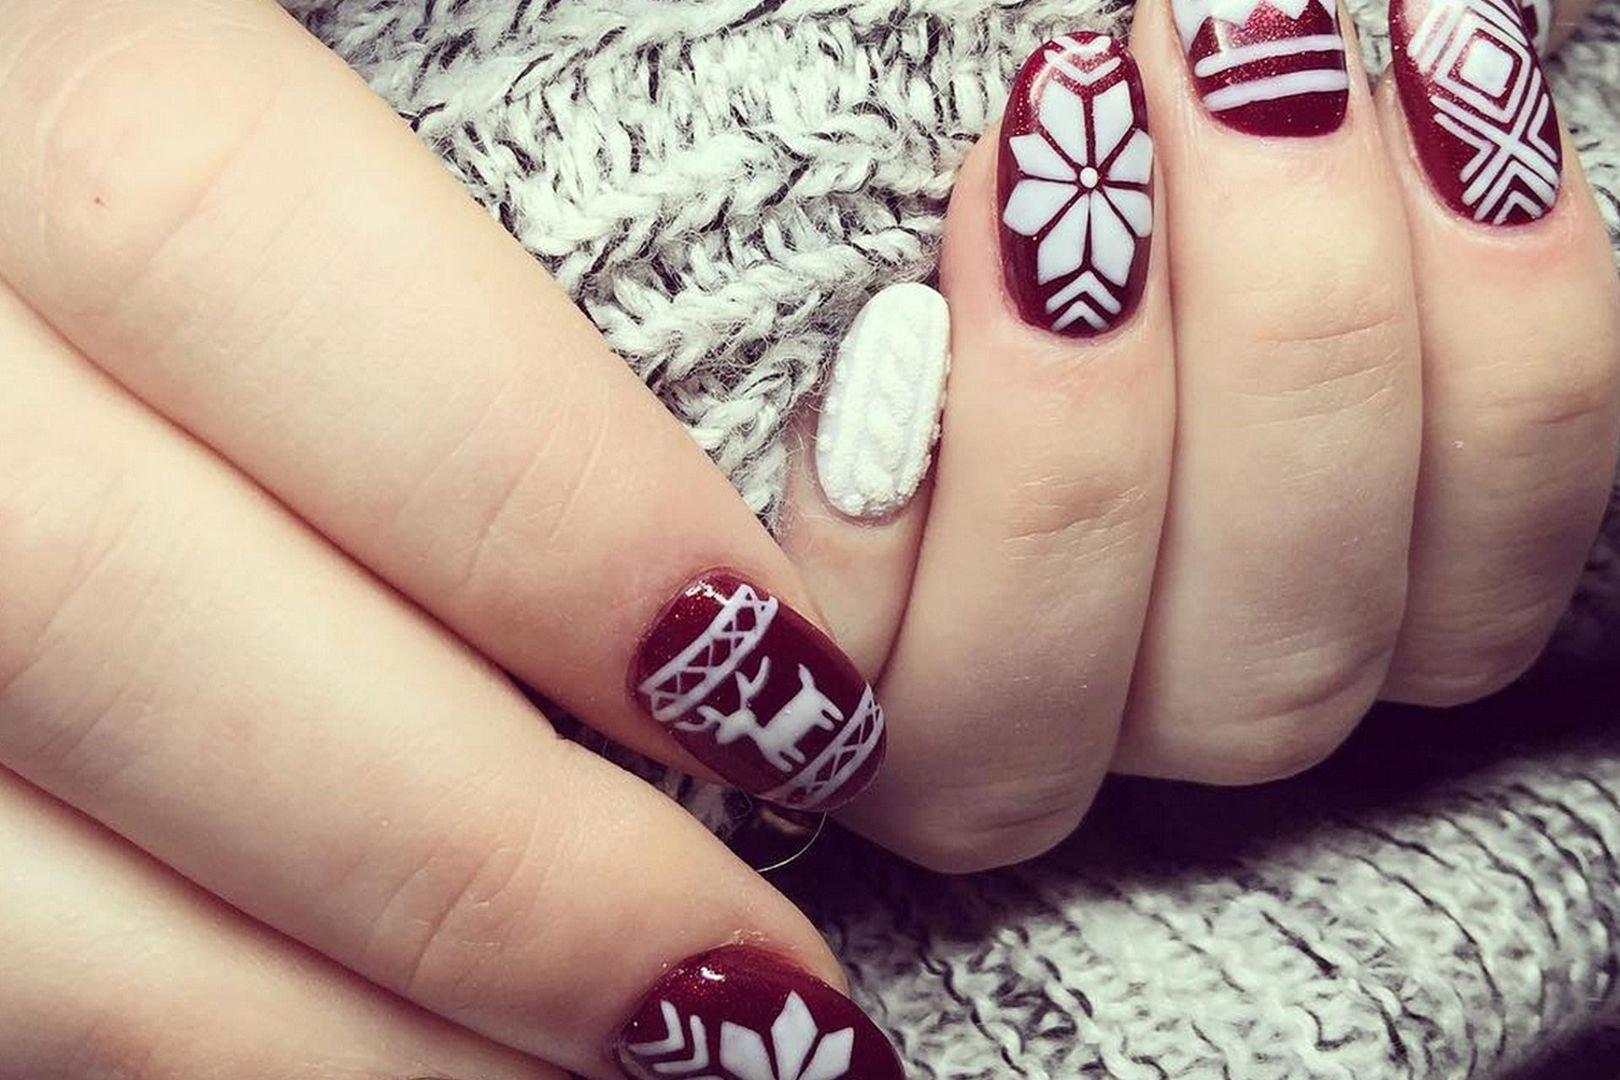 vyazanyj-manikyur-foto_50 Самый красивый дизайн ногтей: 100 ЛУЧШИХ идей и трендов на фото